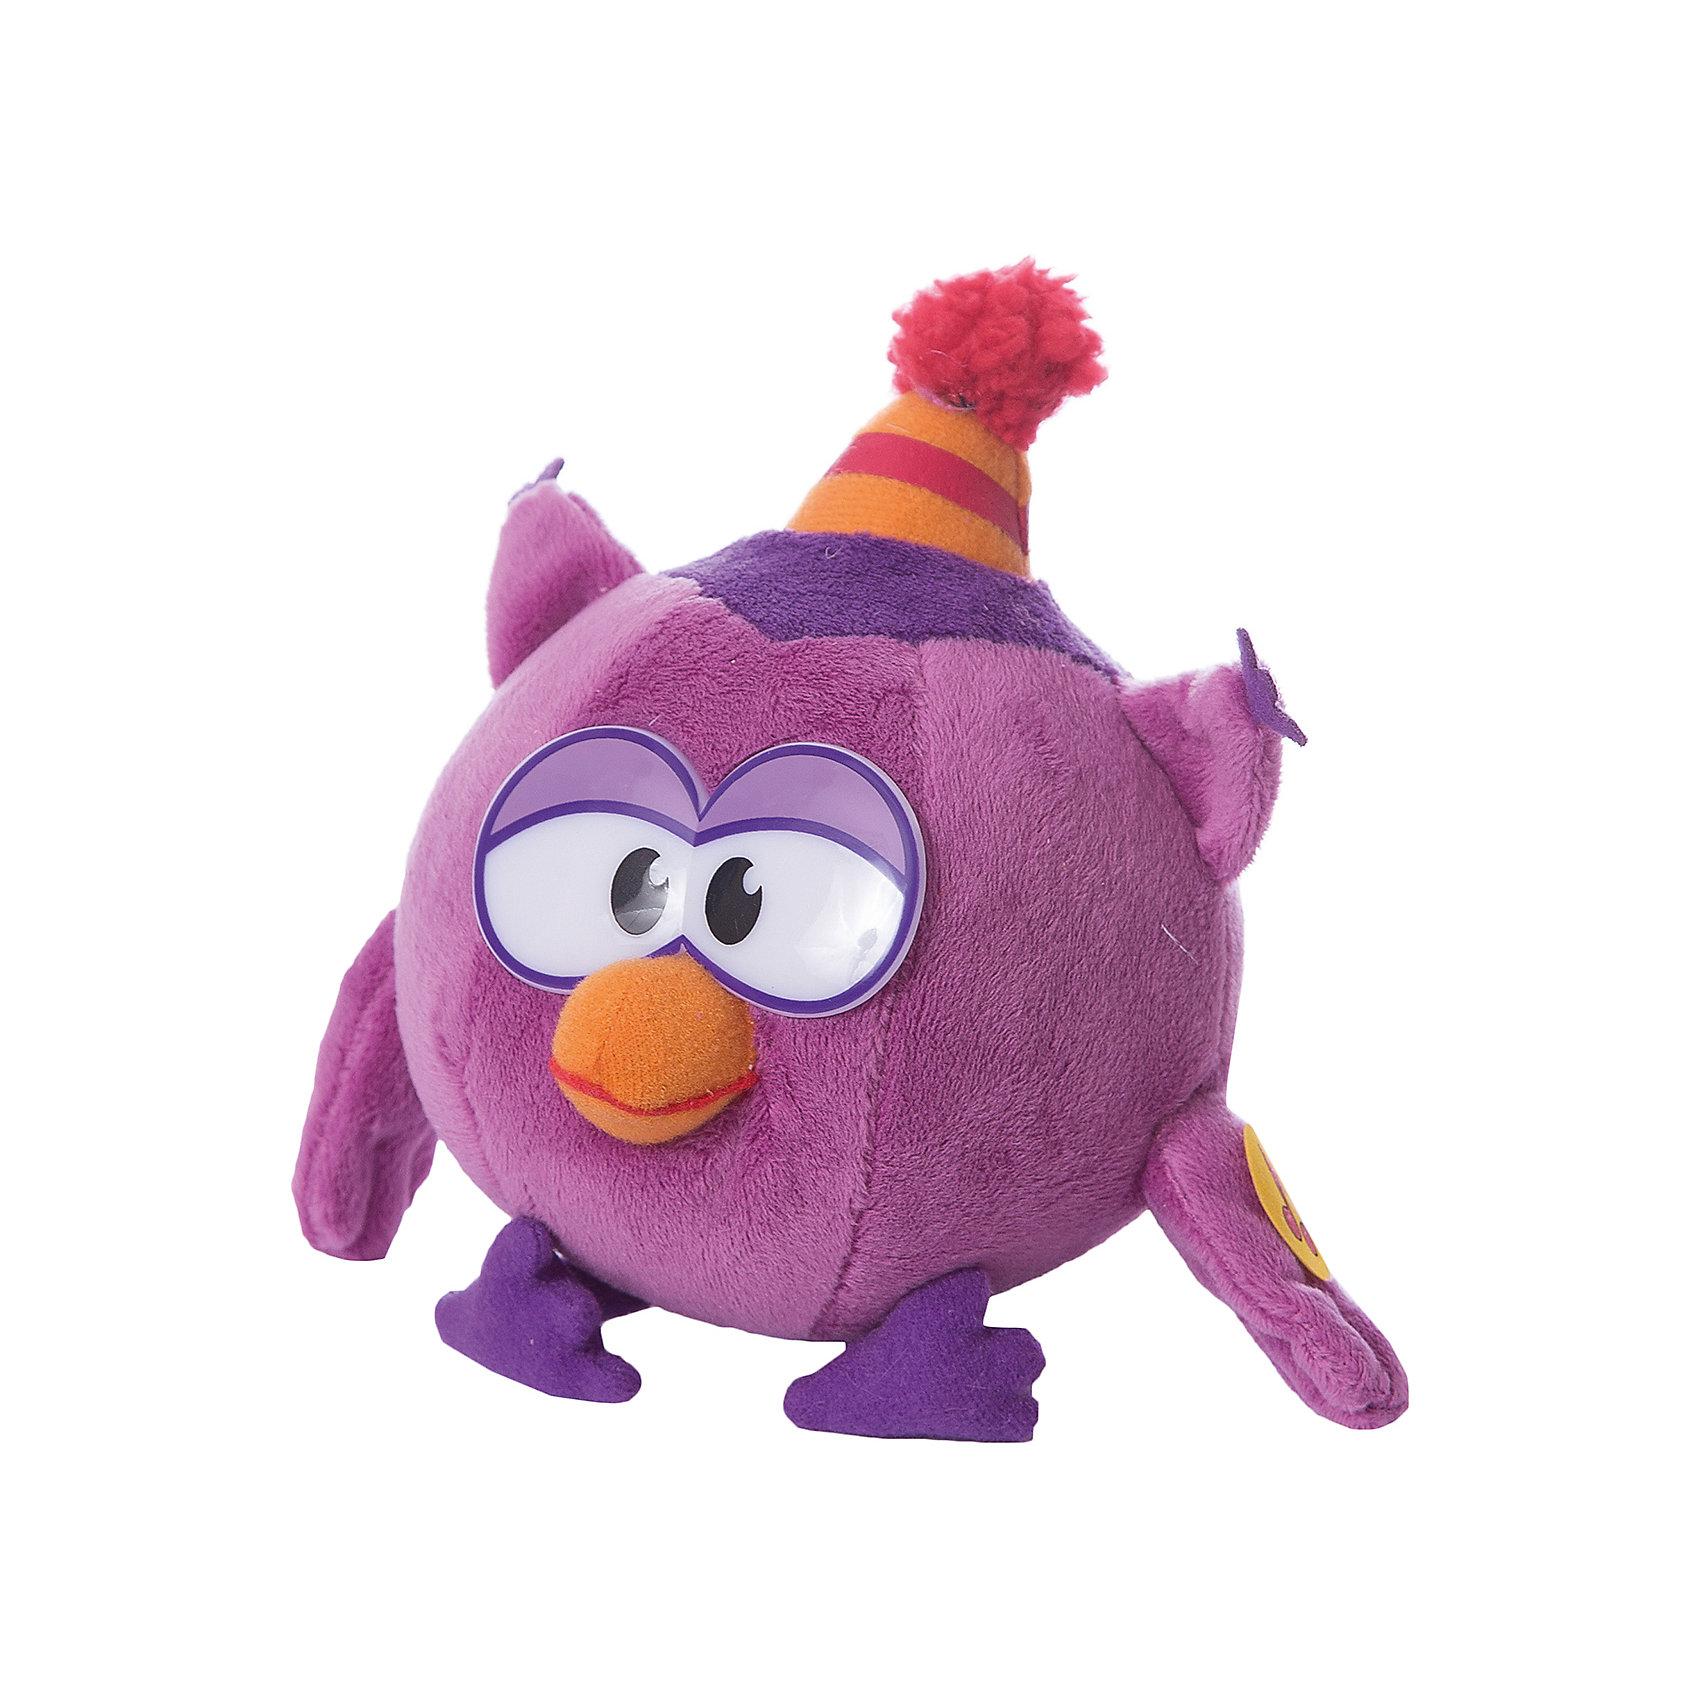 Совунья, 10 см, со звуком, Смешарики, МУЛЬТИ-ПУЛЬТИСовунья, 10 см, со звуком, Смешарики, МУЛЬТИ-ПУЛЬТИ – это игрушка-приятель персонаж популярного российского мультфильма.<br>Мягкая игрушка, изображающая Совунью из мультфильма Смешарики, станет незаменимым другом вашего малыша. Ребенок никогда не соскучится, потому что Совунья умеет произносить веселые фразы. Совунья выглядит очень дружелюбно, а на головке у нее одета забавная шапочка-колпачок. Игрушка выполнена из мягкого плюшевого материала.<br><br>Дополнительная информация:<br><br>- Размер: 10 см.<br>- Материал: плюш, синтепон, текстиль<br>- Батарейки: 3 х LR44 (входят в комплект)<br><br>Мягкую игрушку Совунья, 10 см, со звуком, Смешарики, МУЛЬТИ-ПУЛЬТИ можно купить в нашем интернет-магазине.<br><br>Ширина мм: 100<br>Глубина мм: 100<br>Высота мм: 100<br>Вес г: 150<br>Возраст от месяцев: 24<br>Возраст до месяцев: 72<br>Пол: Унисекс<br>Возраст: Детский<br>SKU: 3802642